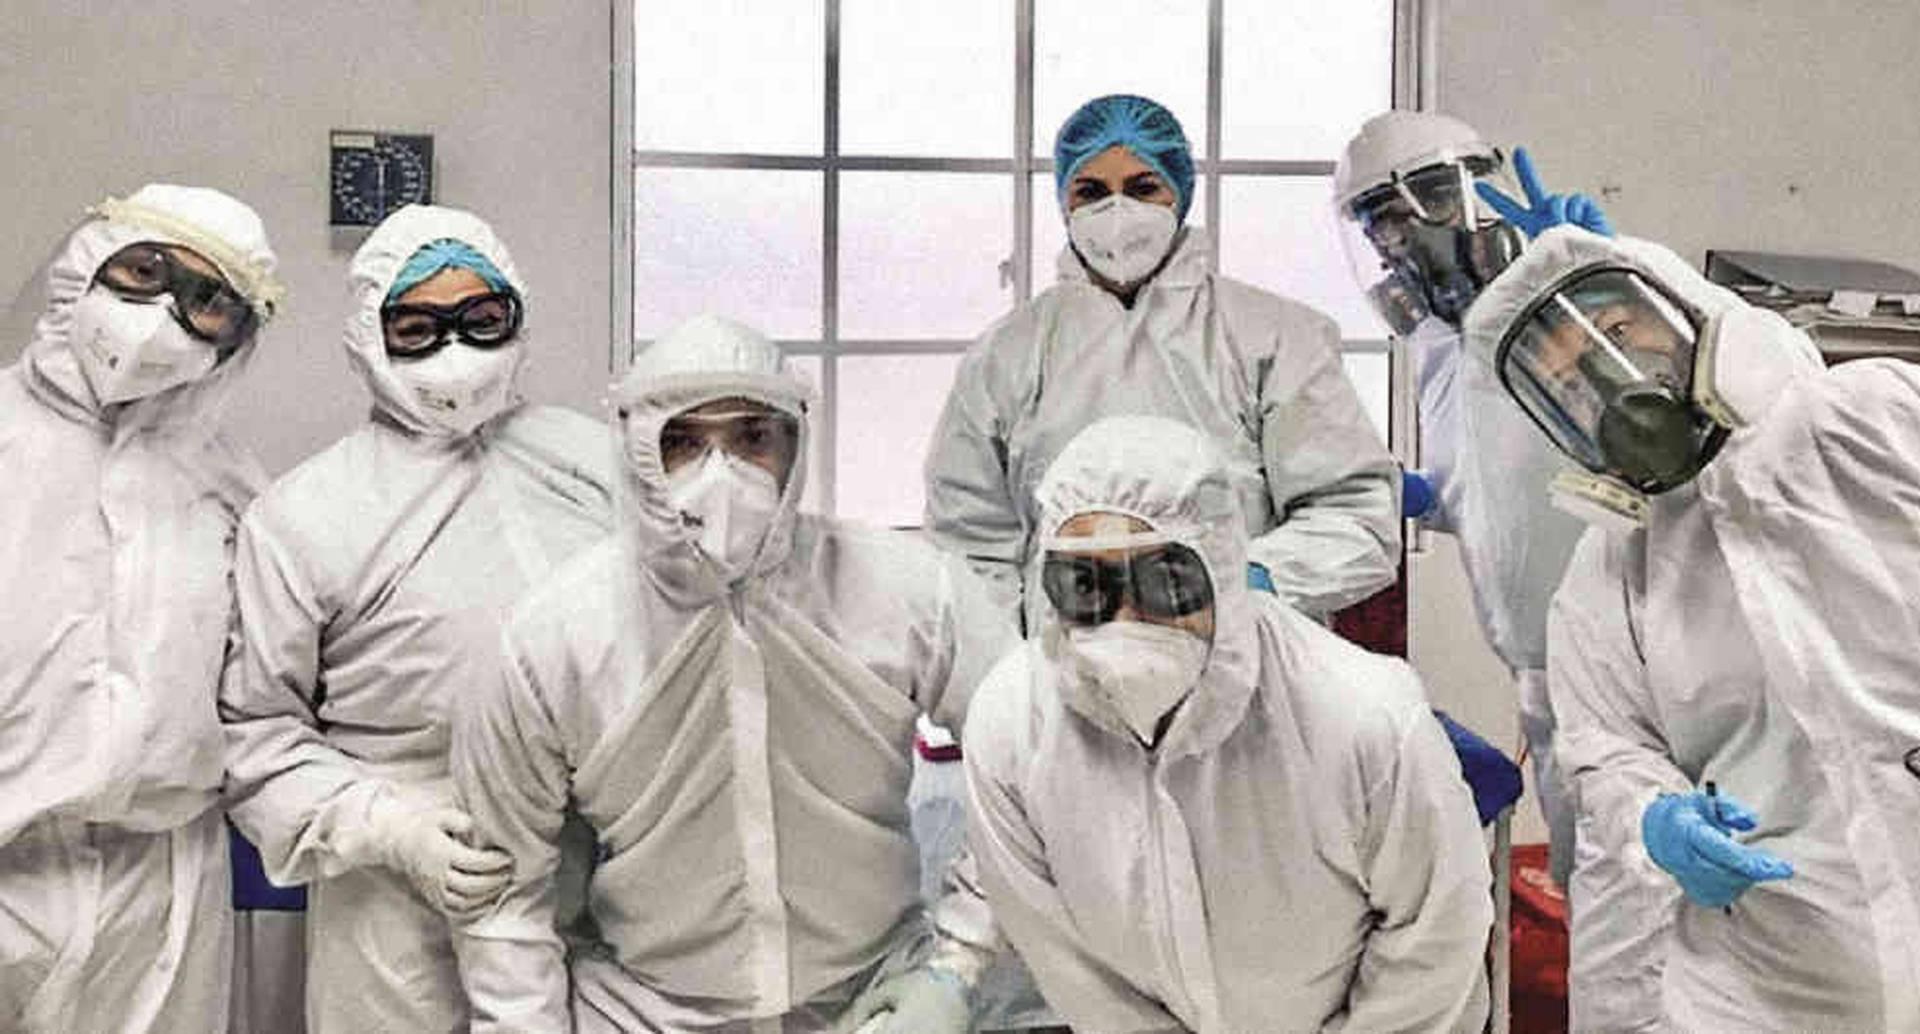 """El equipo de epidemiólogos de Santander. Dicen que en la zona los ciudadanos no quieren hacerse las pruebas porque corre el rumor de que """"son un negocio para el Gobierno""""."""